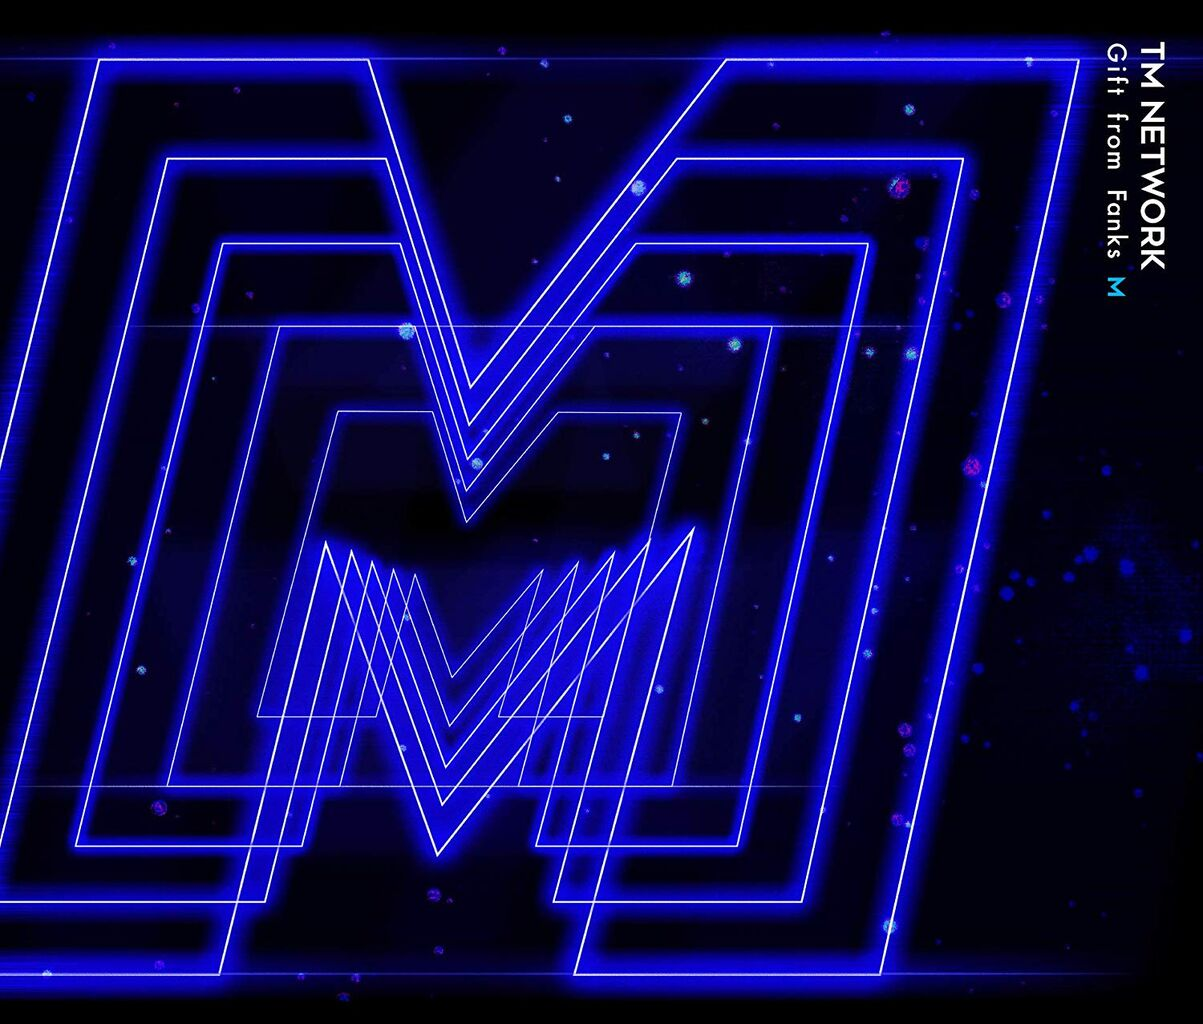 GfF_M